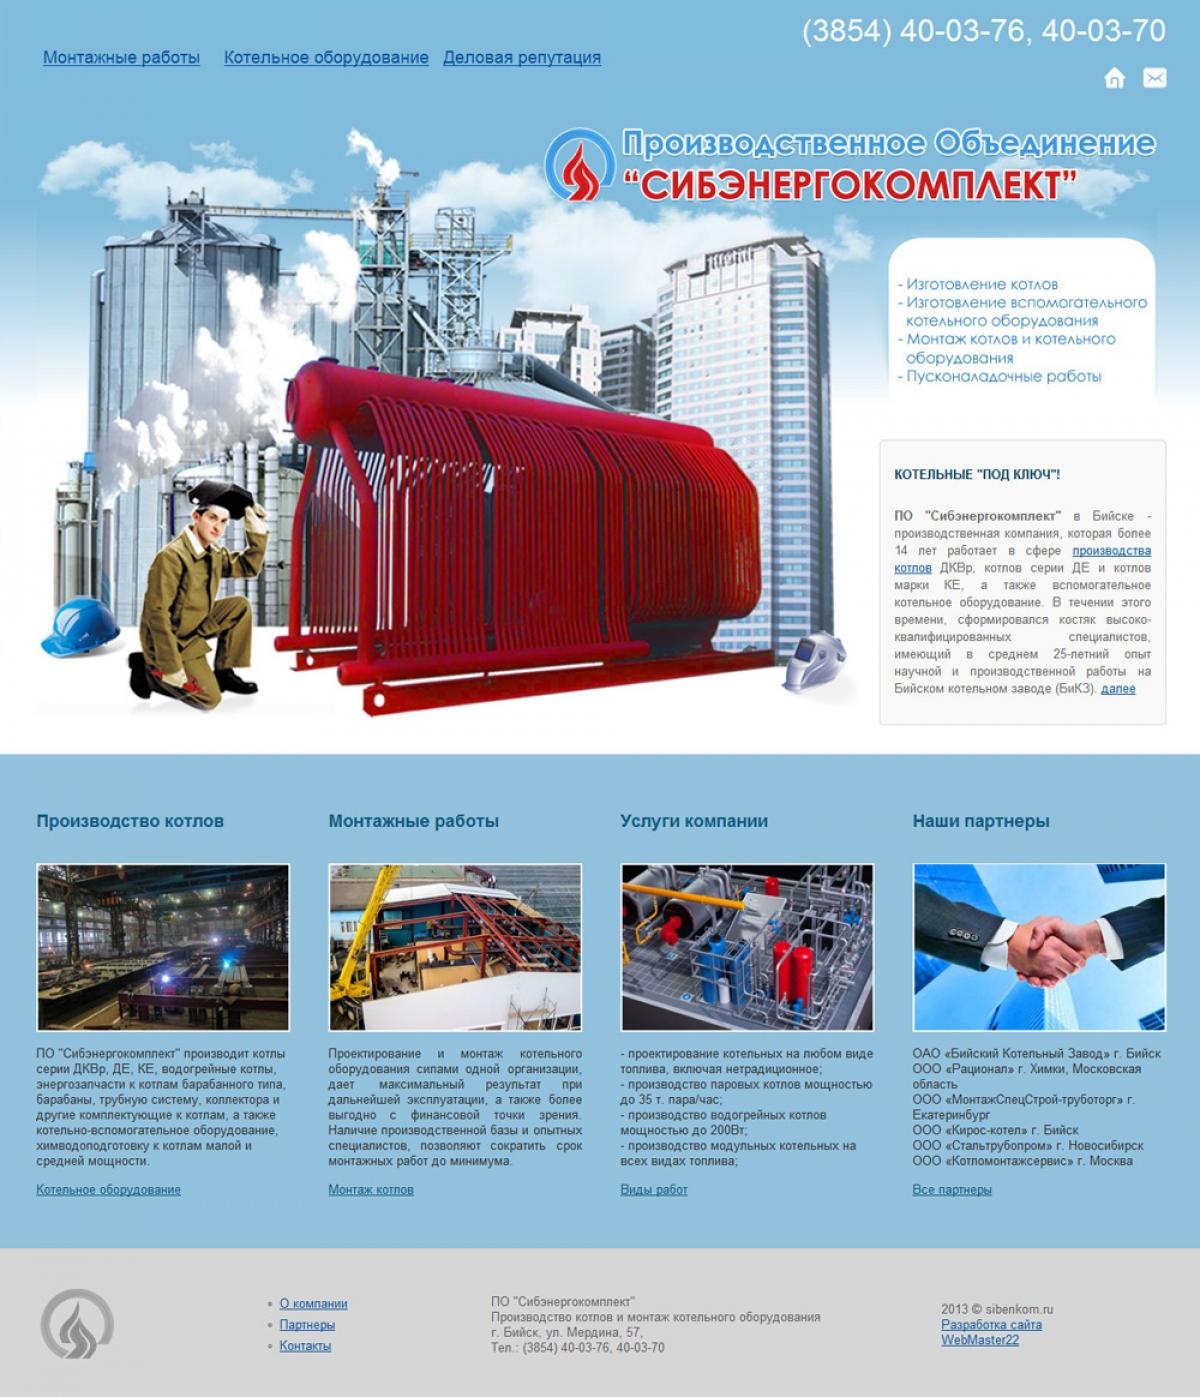 Сибэнергокомплект - котельное оборудование